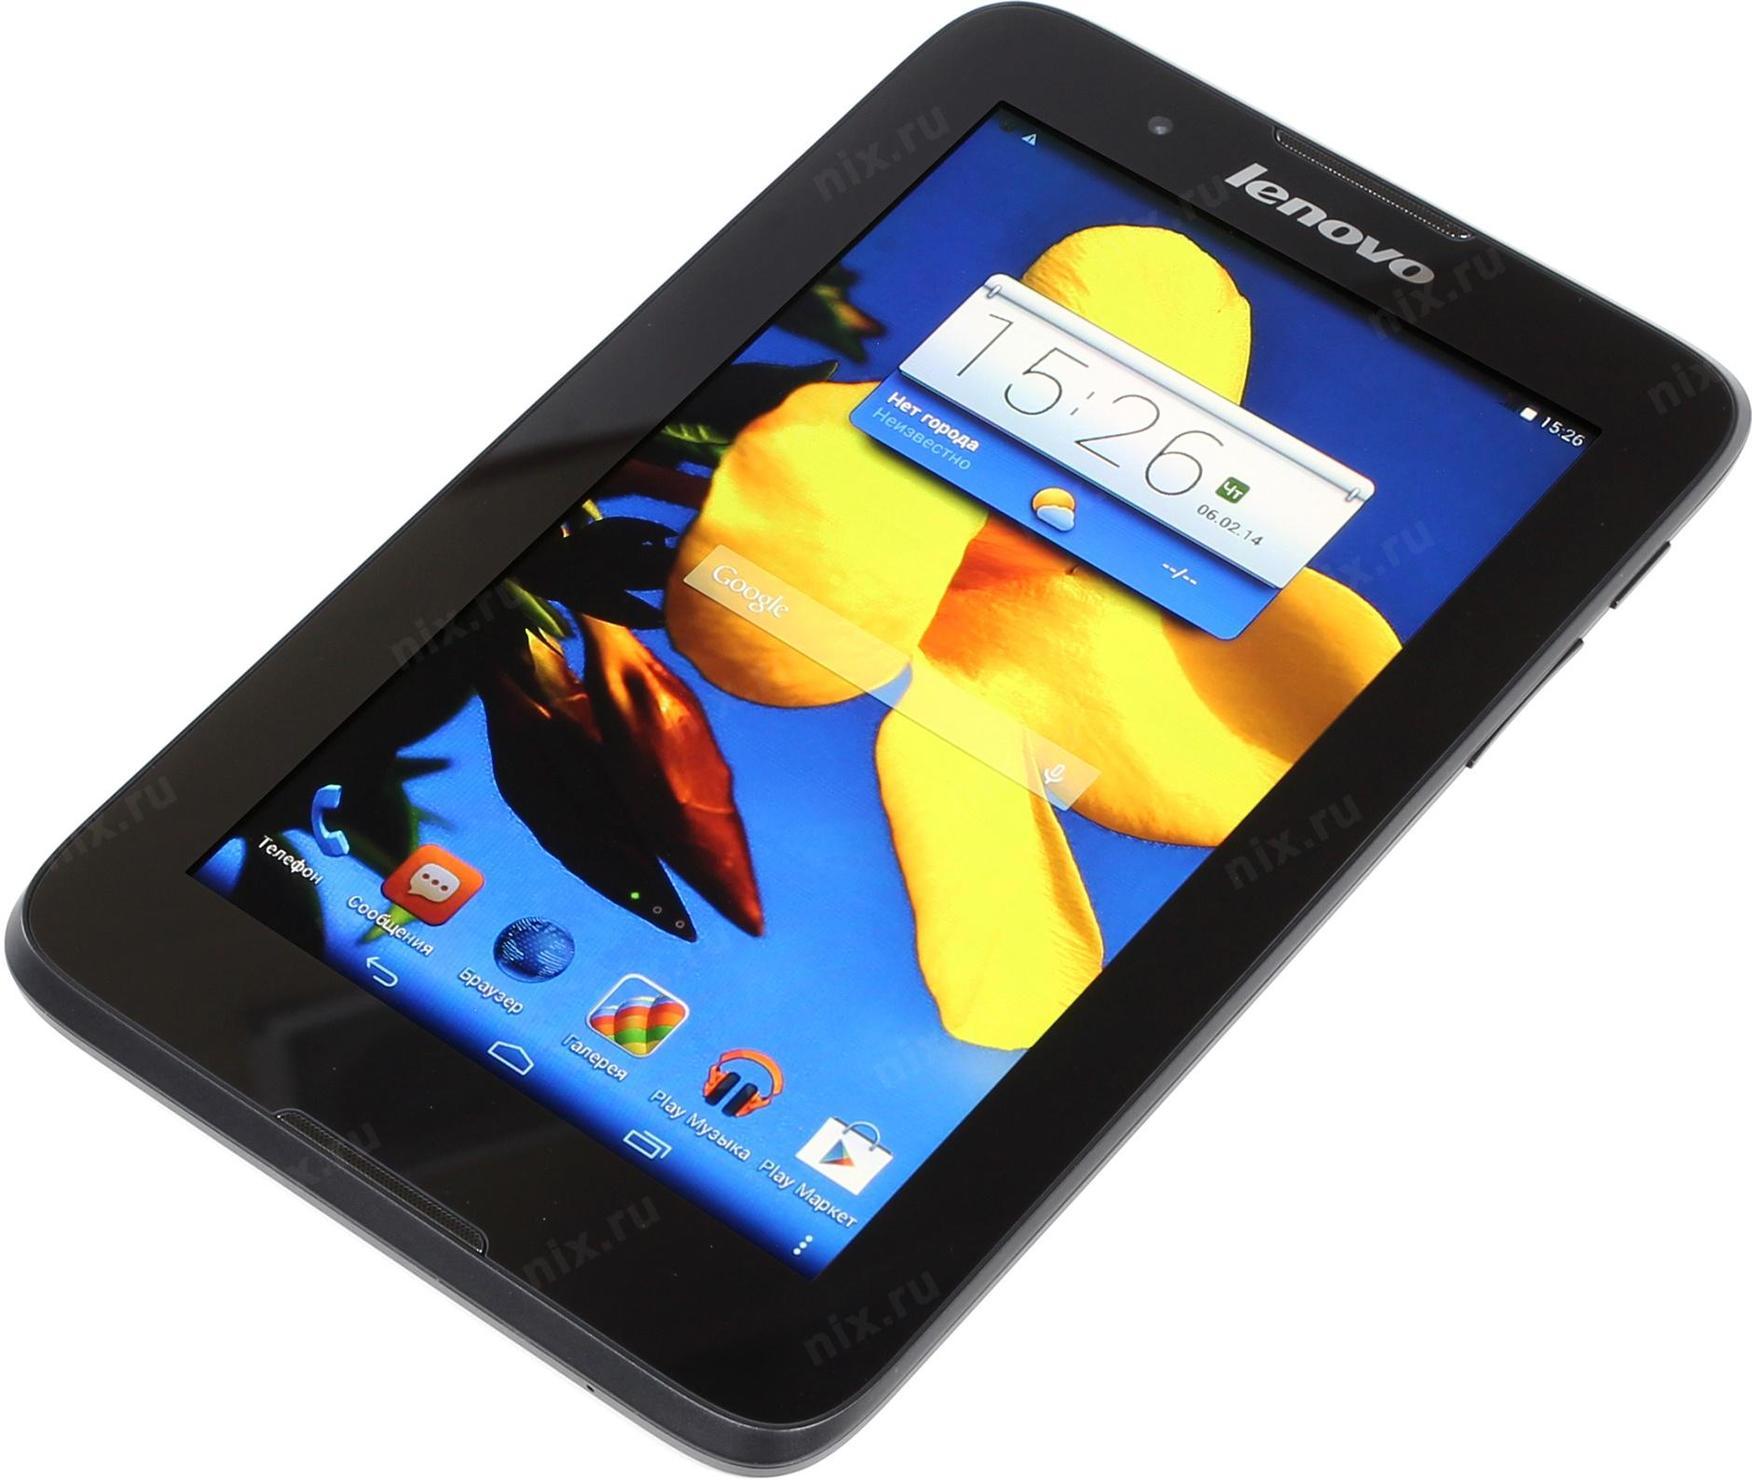 ПРаншет Lenovo TAB A7 30 8 Гб WiFi 3G Черный — купить цена и характеристики отзывы